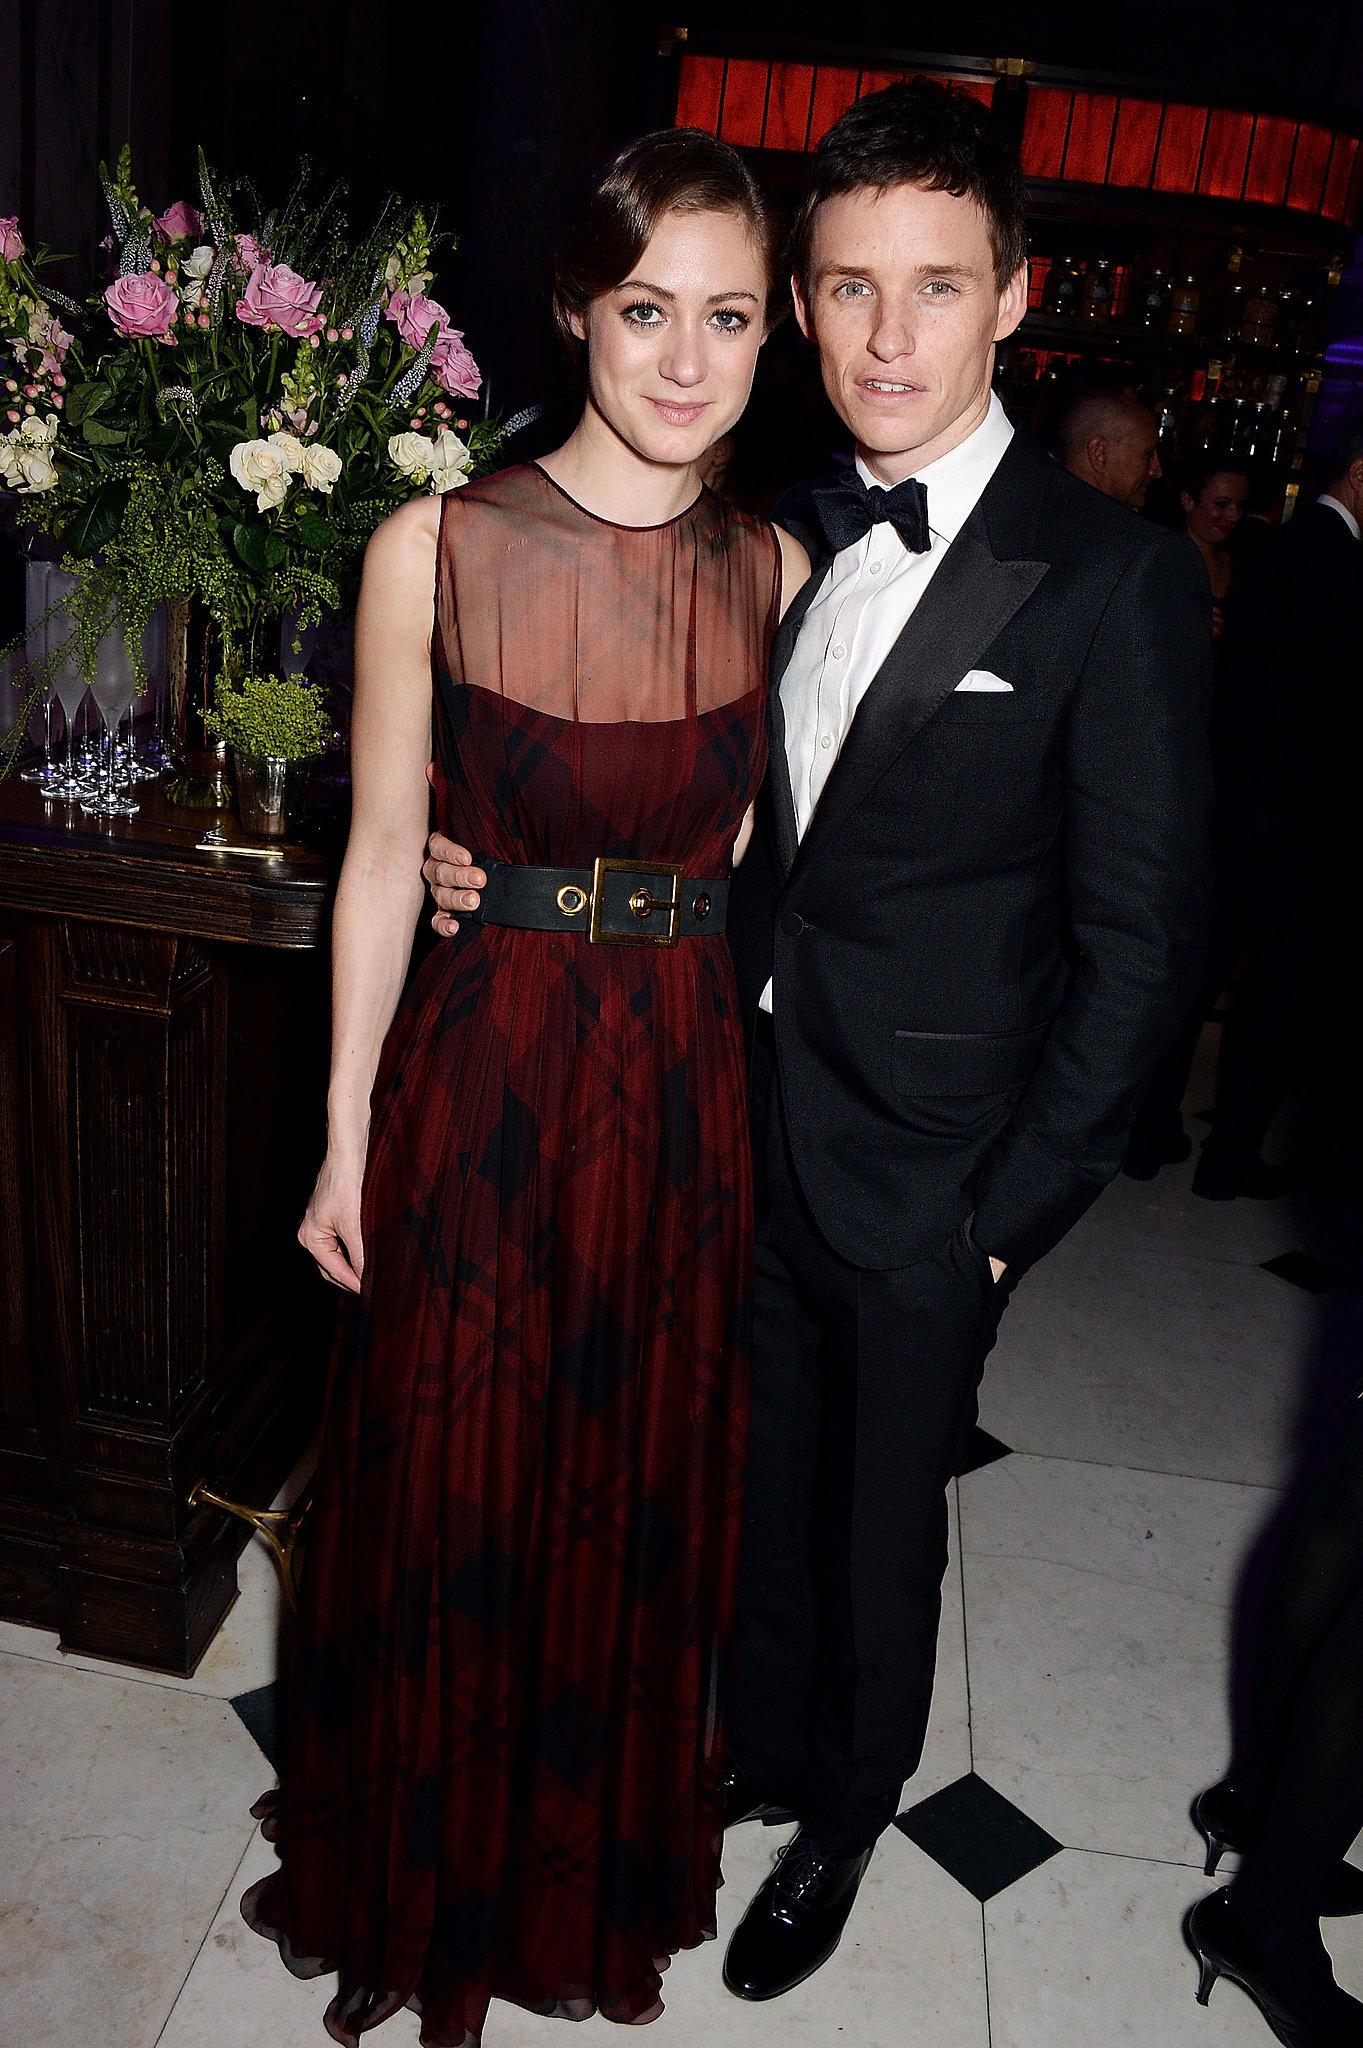 Eddie Redmayne brought Hannah Bagshawe to Harvey's party.